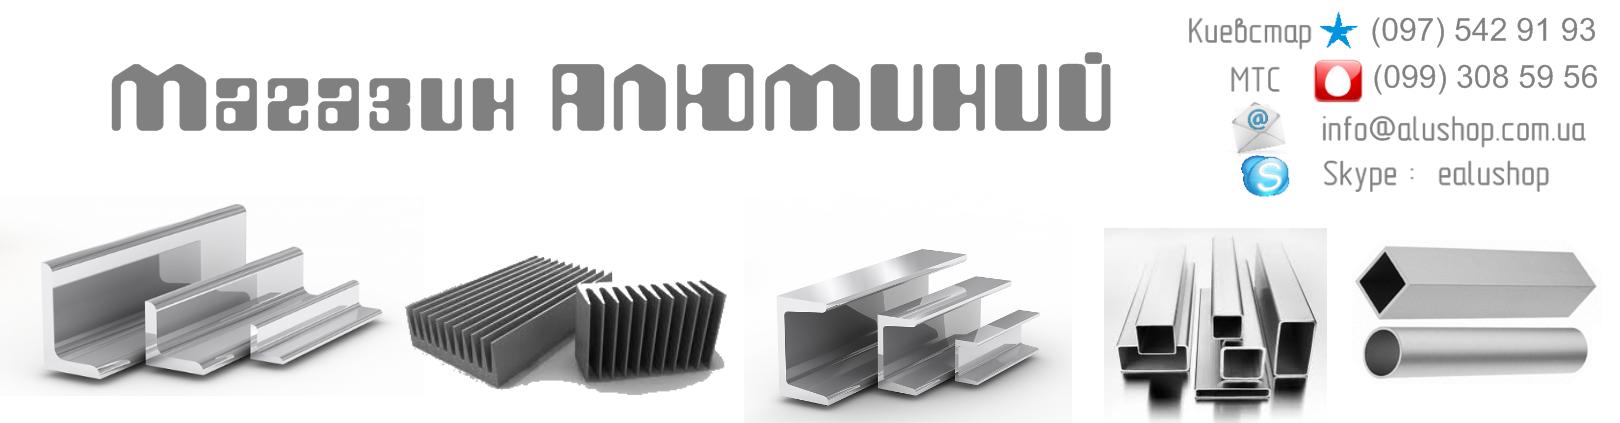 """Магазин """"Алюминий"""" Алюминиевый профиль ,  алюминиевый уголок , алюминиевая труба , алюминиевый швеллер ,  алюминиевая полоса , купить киев"""